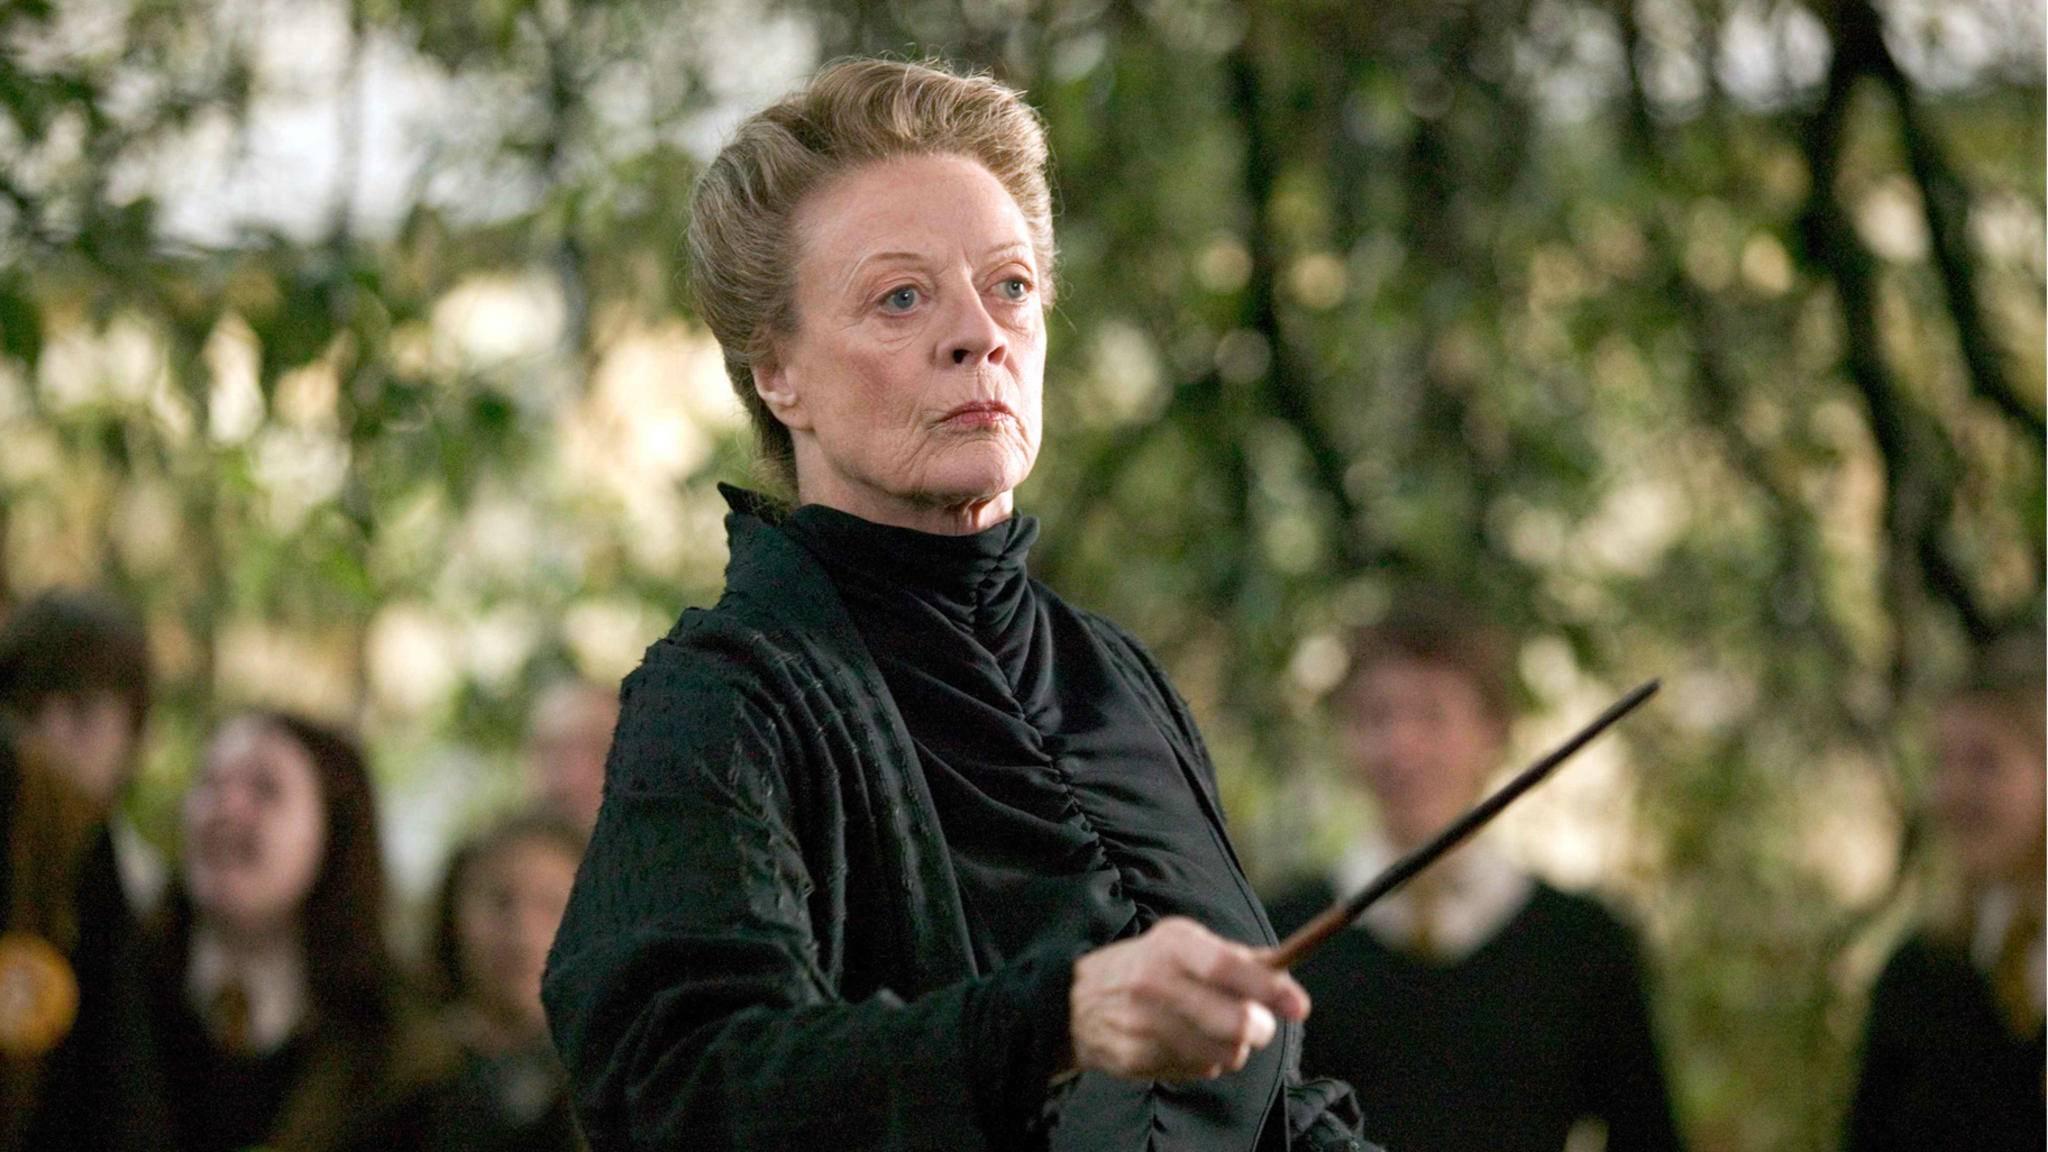 Maggie Smiths Schauspieltalent grenzt schon fast an Hexerei.